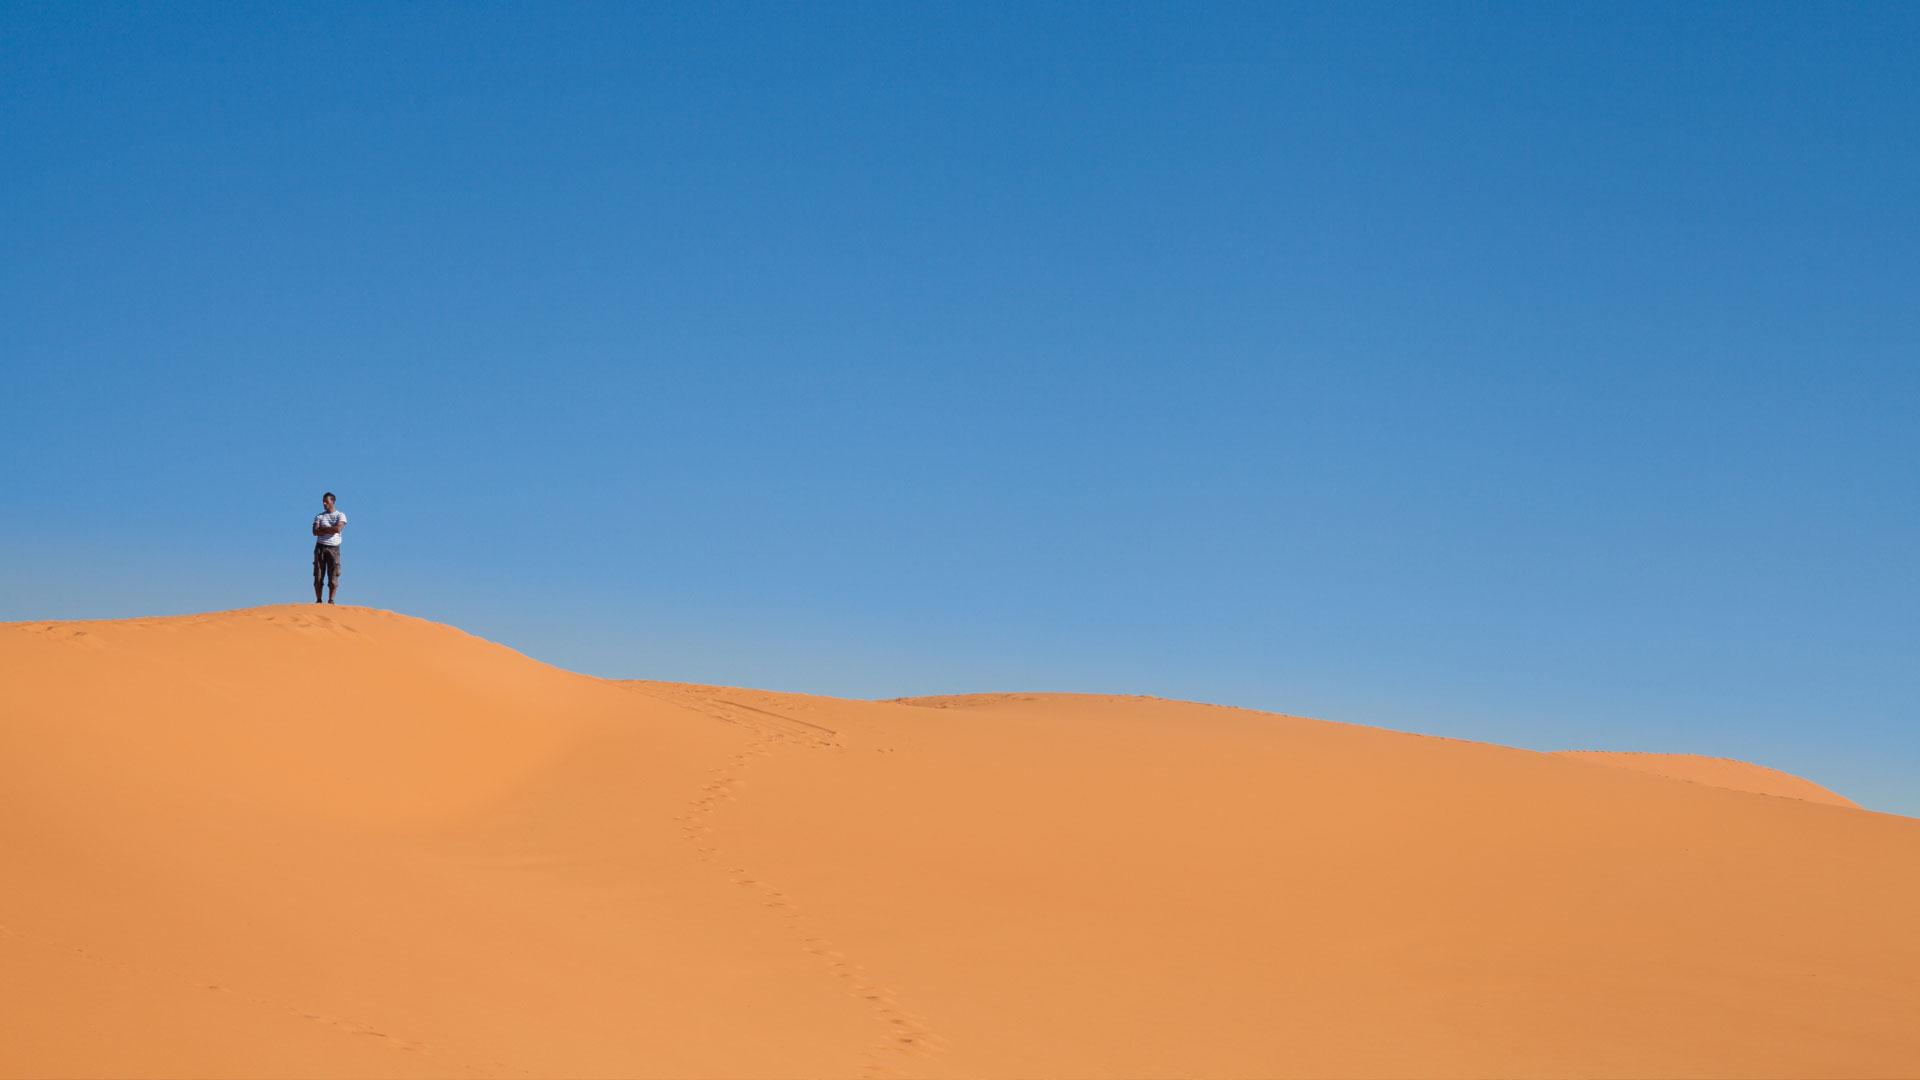 L'expérience du désert : Voyage à Merzouga dans le désert Marocain